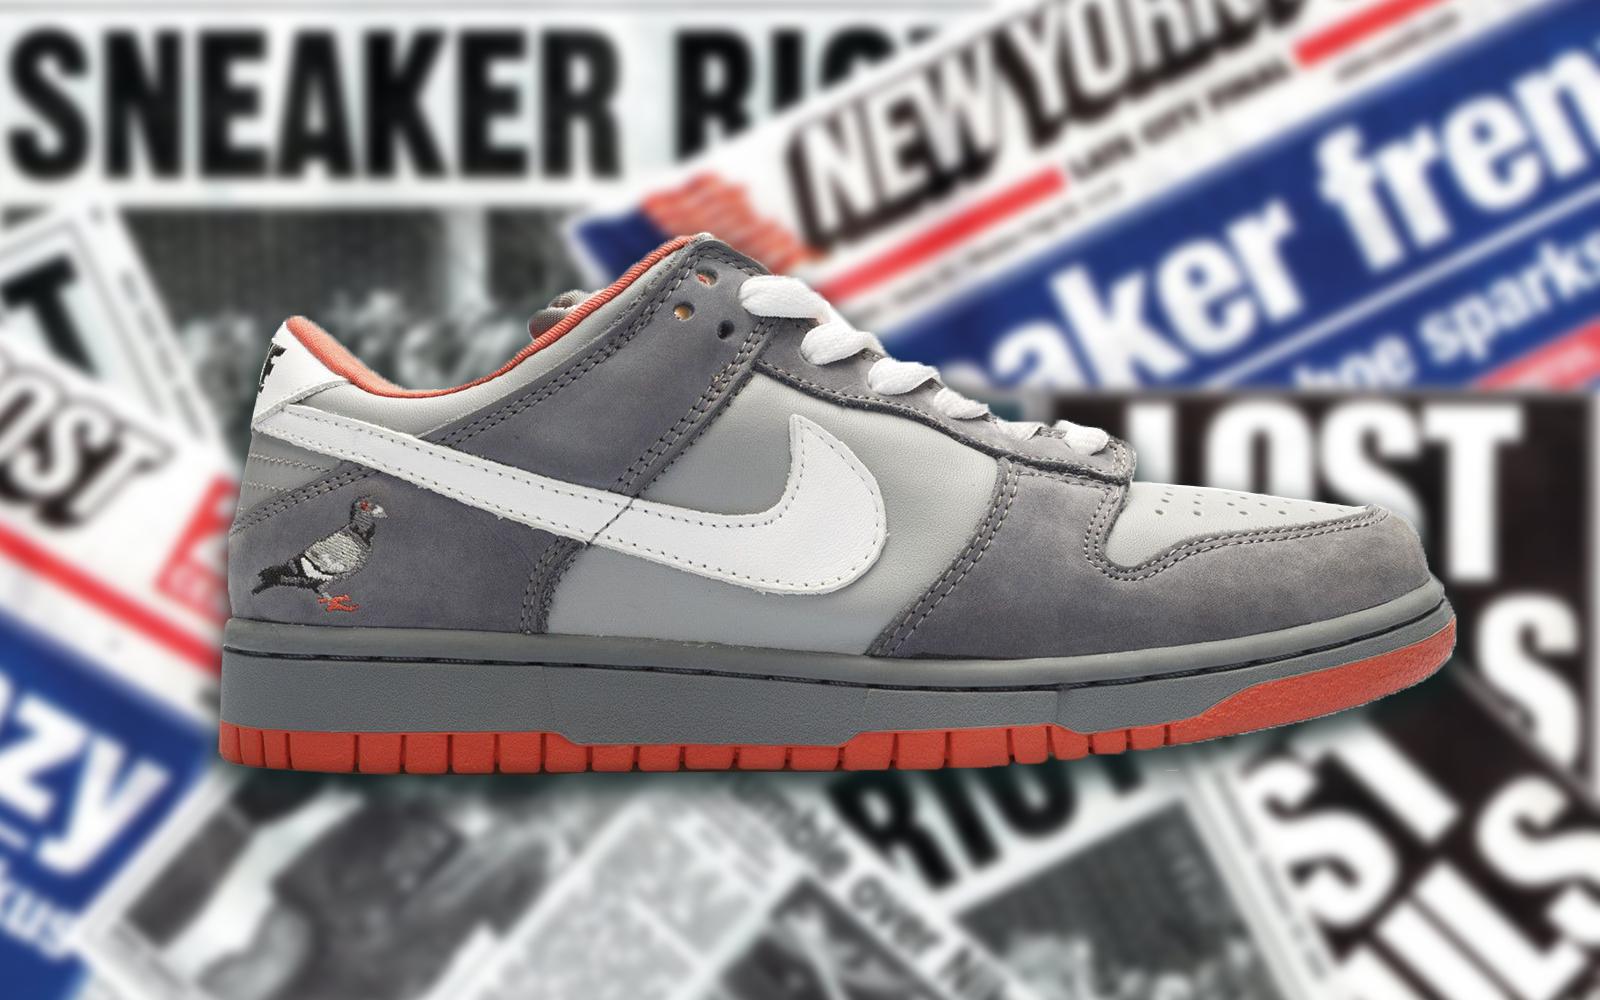 Die teuersten Sneaker aller Zeiten: Nike SB Dunk Low Staple NYC Pigeon